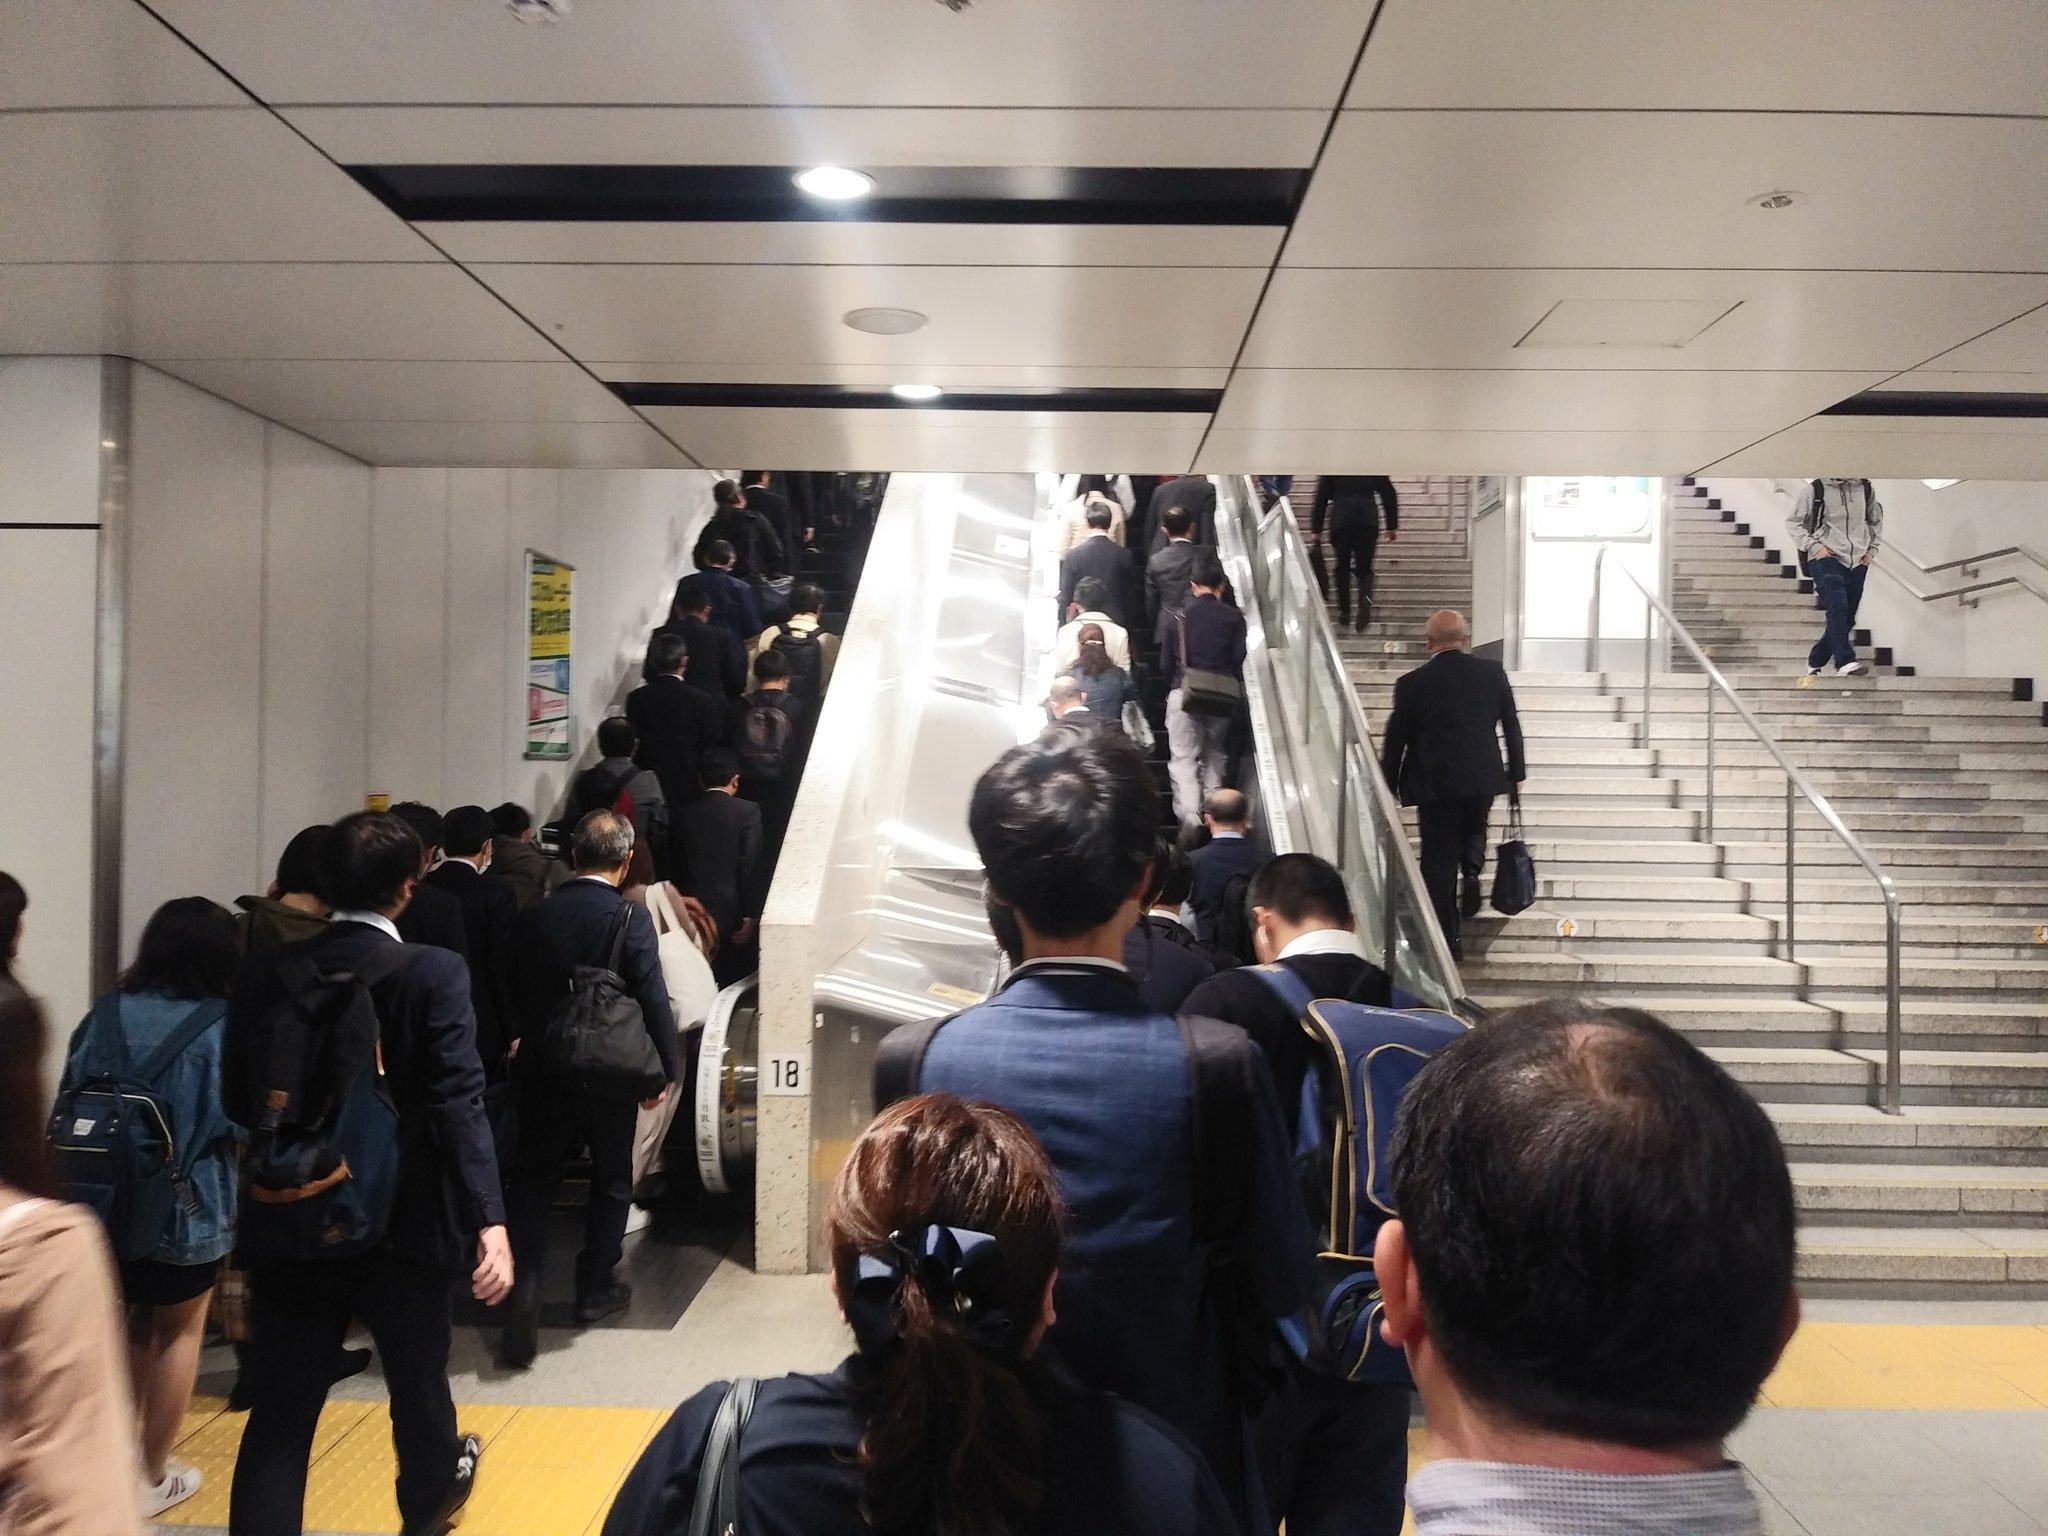 通勤ラッシュの横須賀線が混雑している現場の画像